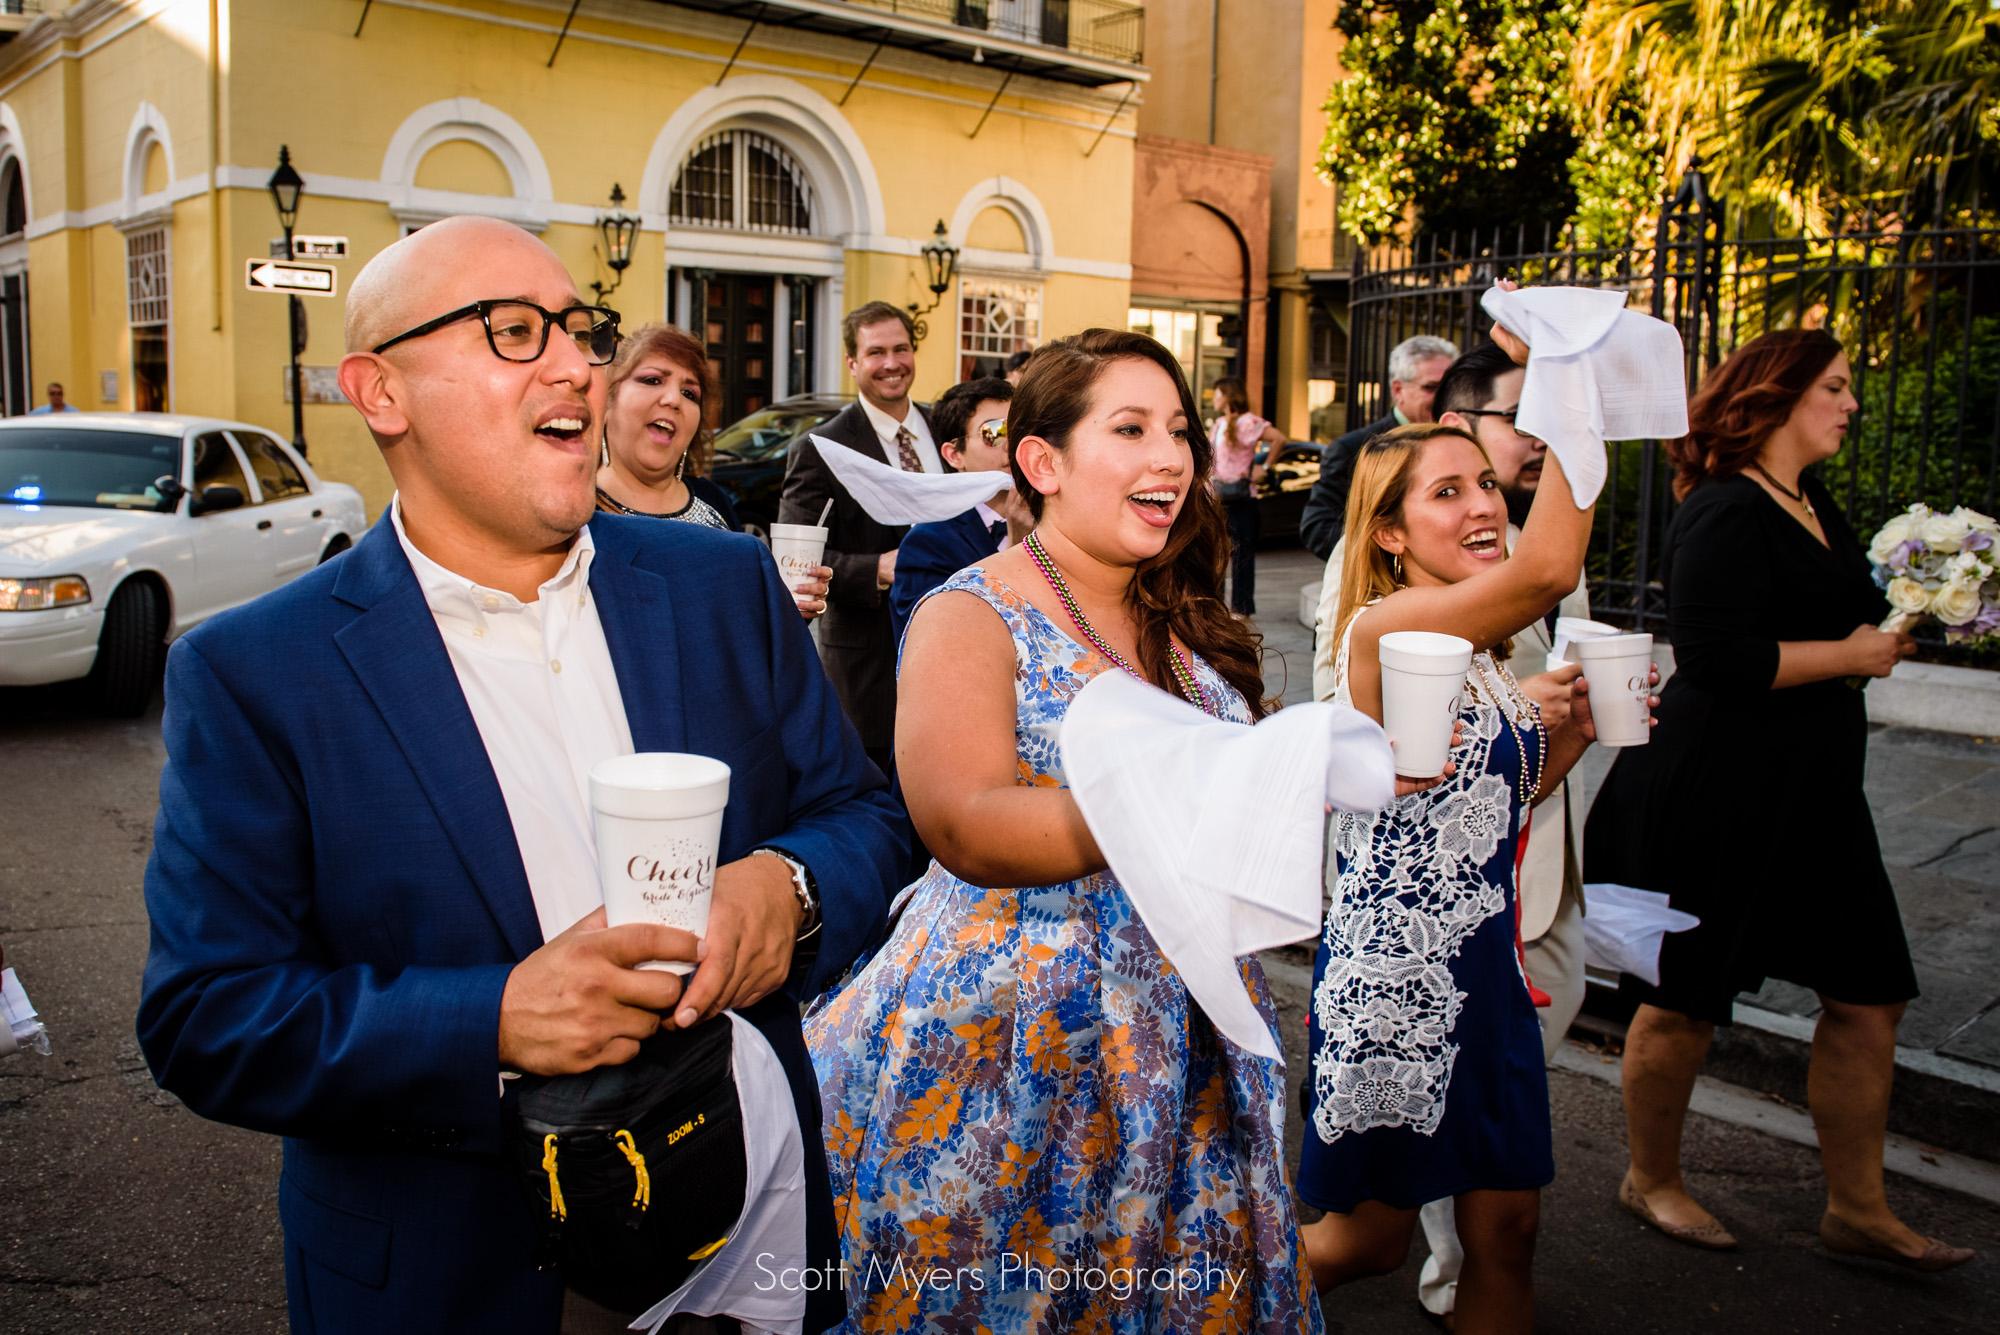 Scott_Myers_Wedding_New_Orleans_044.jpg